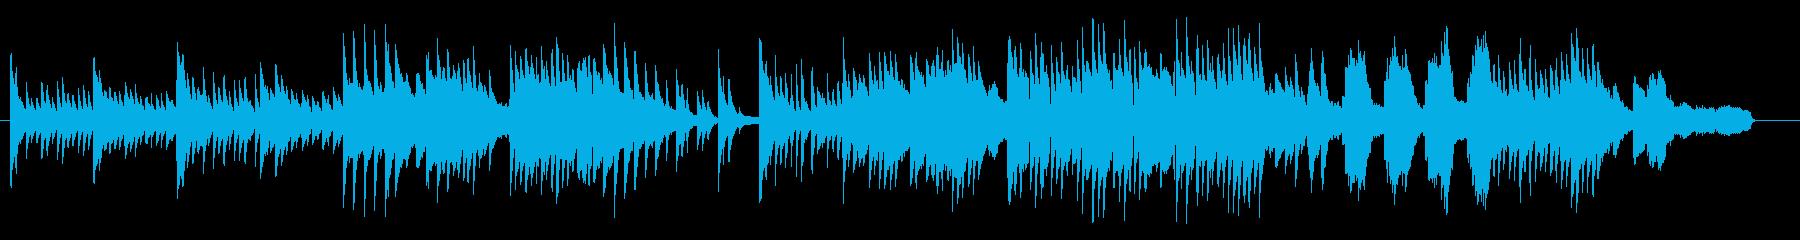 せつな系、たそがれ、困惑戸惑いピアノソロの再生済みの波形